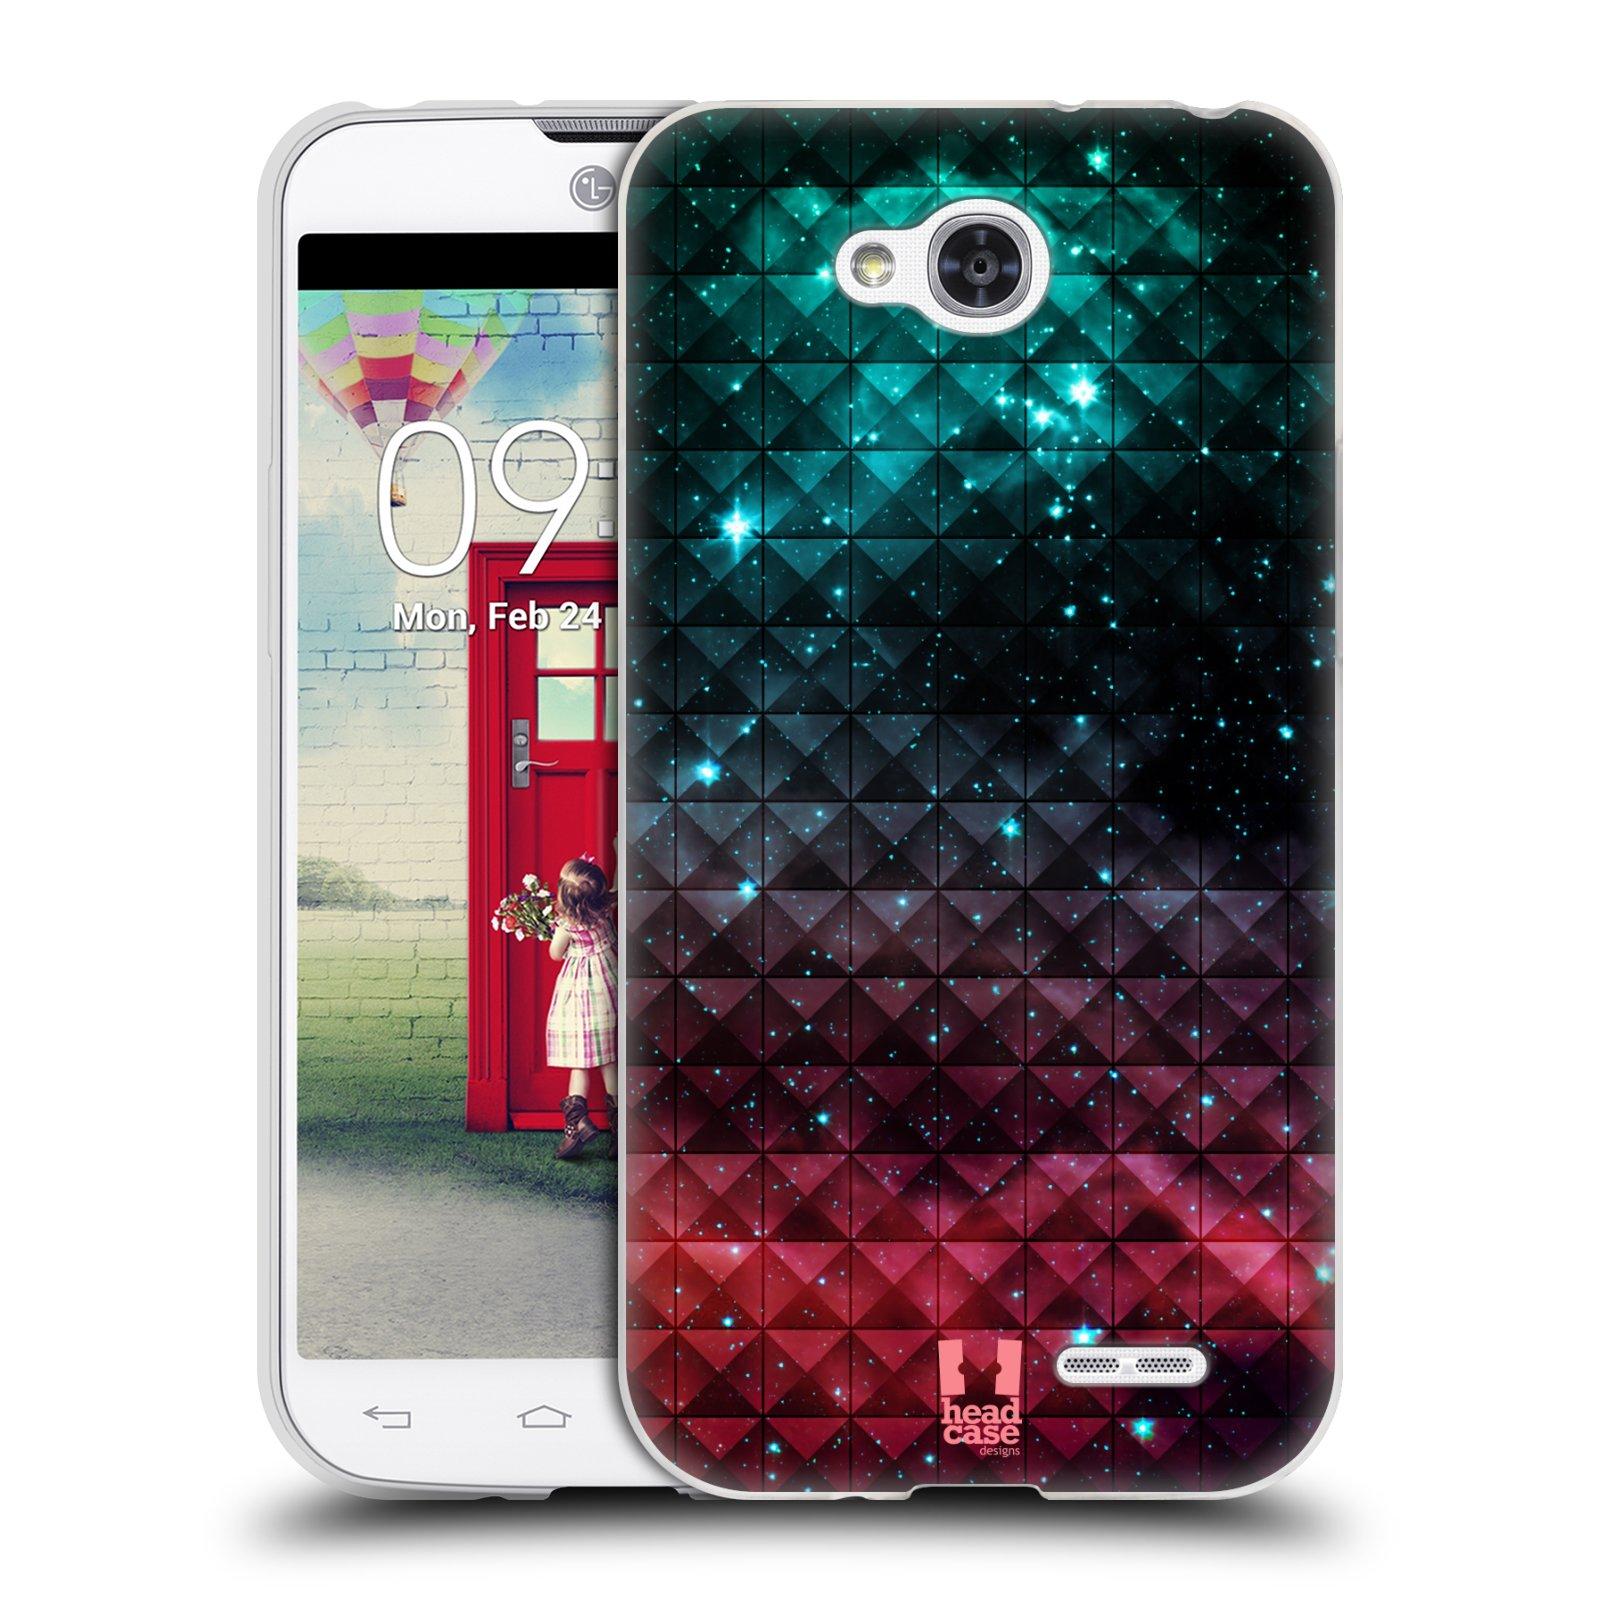 Silikonové pouzdro na mobil LG L90 HEAD CASE OMBRE SPARKLE (Silikonový kryt či obal na mobilní telefon LG L90 D405n)